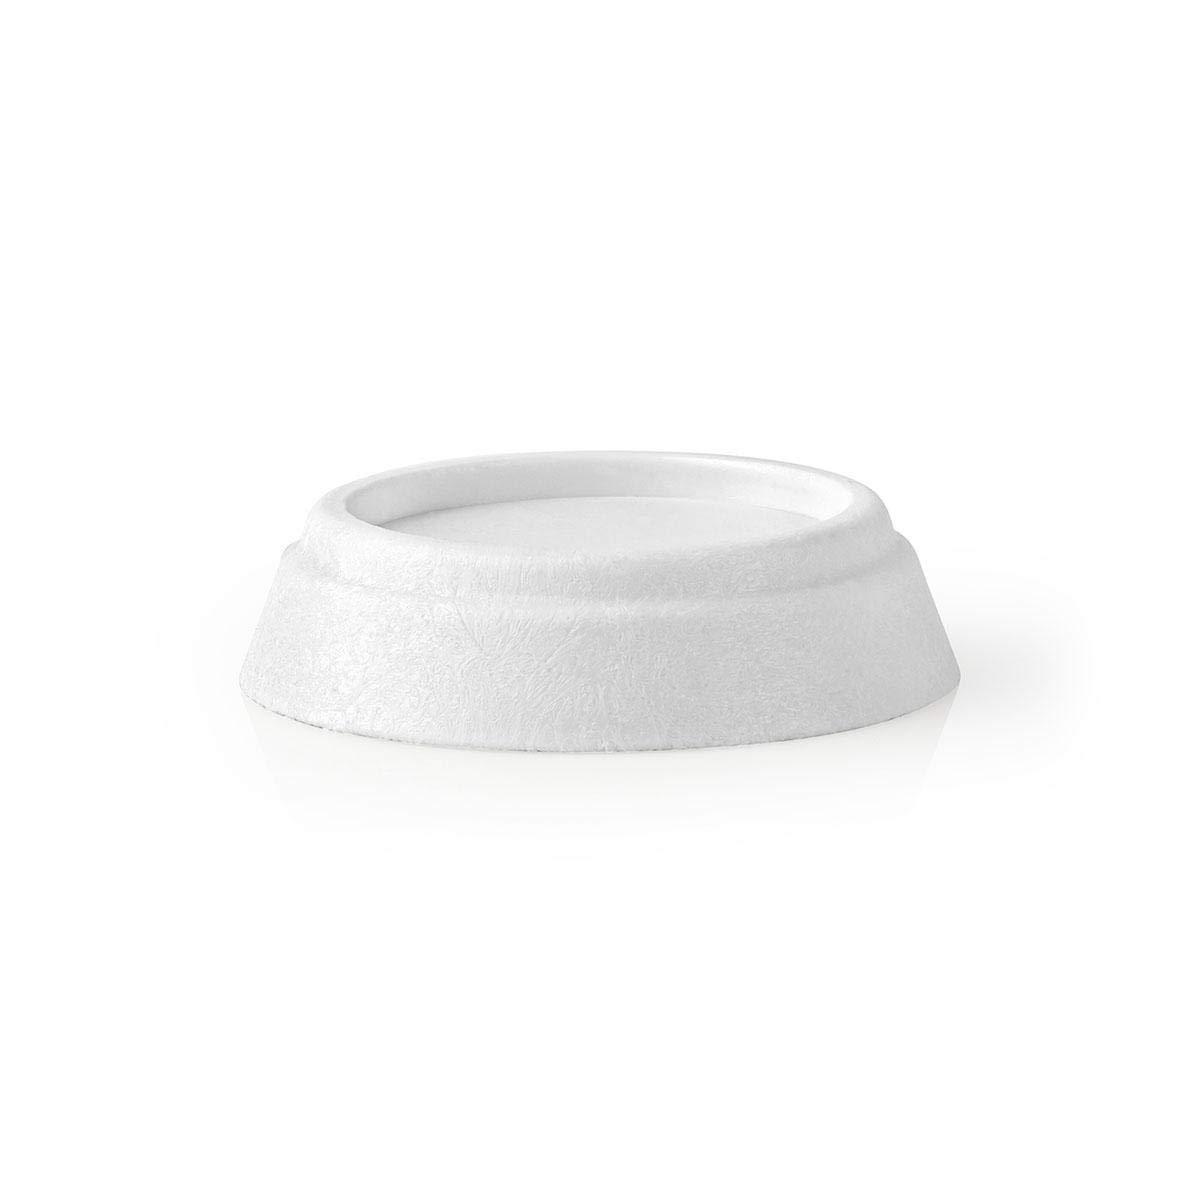 Profesional suelo ba/ñera goteo para lavadora ba/ñera Protecci/ón Antigoteo 70/x 70/x 10/cm